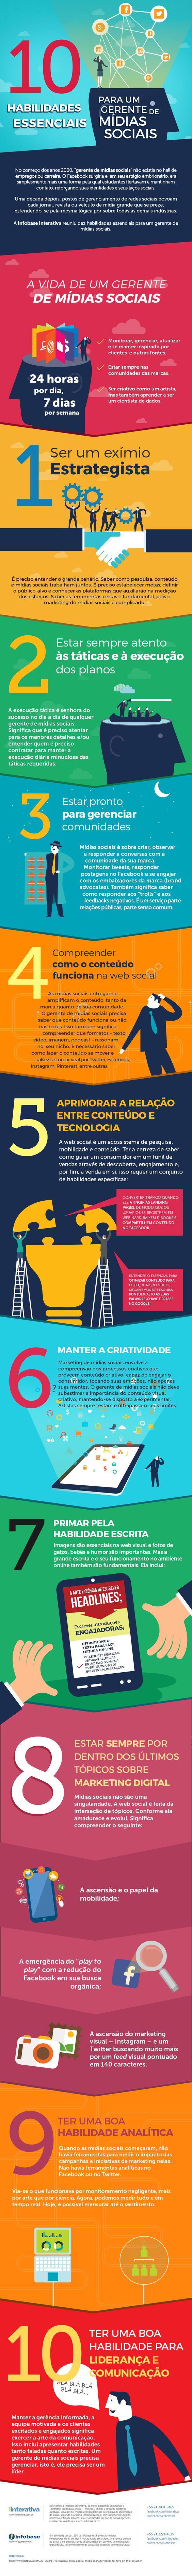 10 habilidades essenciais para um gerente de mídias sociais - Infográficos - Marketing - Administradores.com